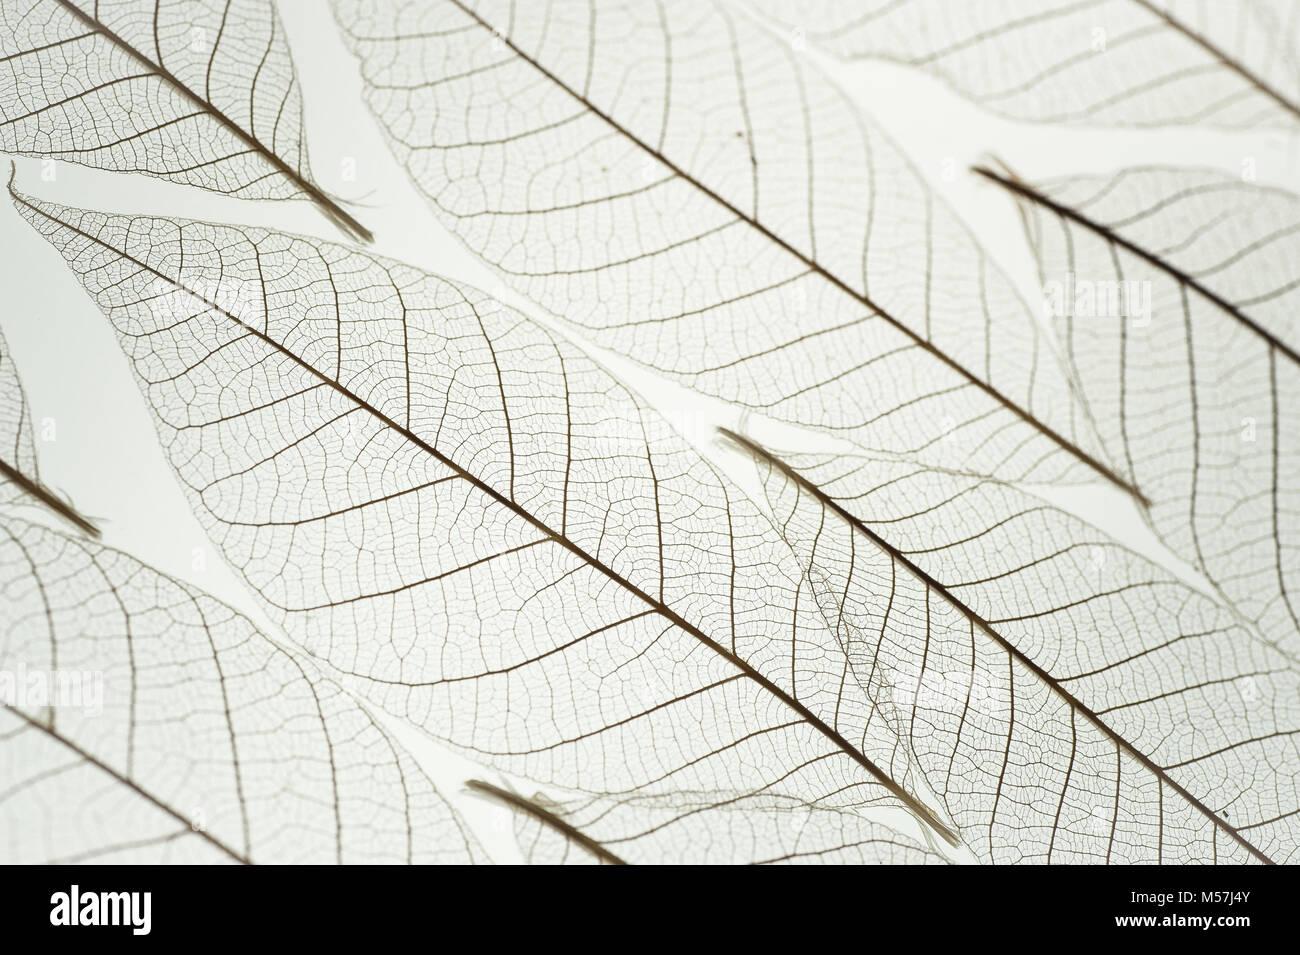 Textura blanca de fondo macro de esqueleto leaf en patrón agradable iluminada desde atrás. Hojas transparentes con el enfoque selectivo. Abstract con espacio para texto en Foto de stock